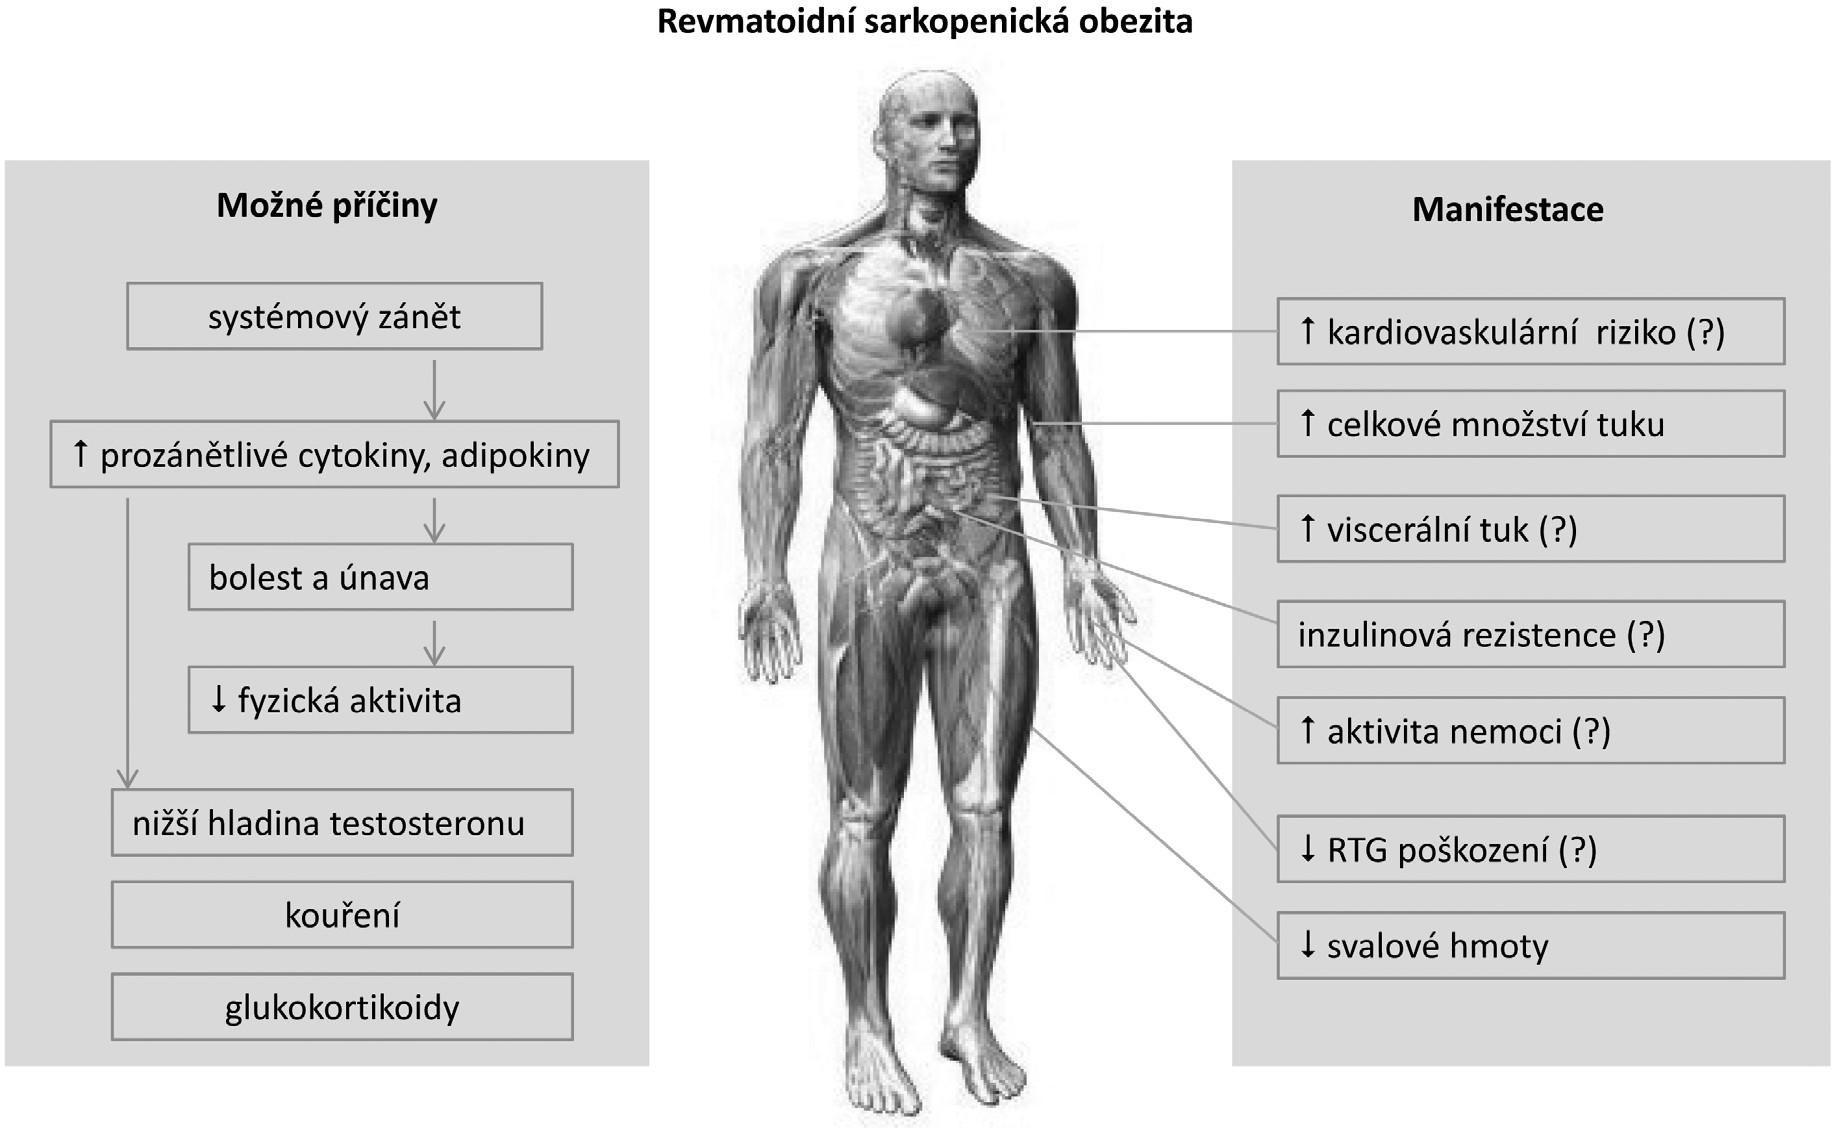 Současné poznatky o mechanismu vzniku a klinických aspektech sarkopenické obezity u revmatoidní artritidy (upraveno podle ref. 4).